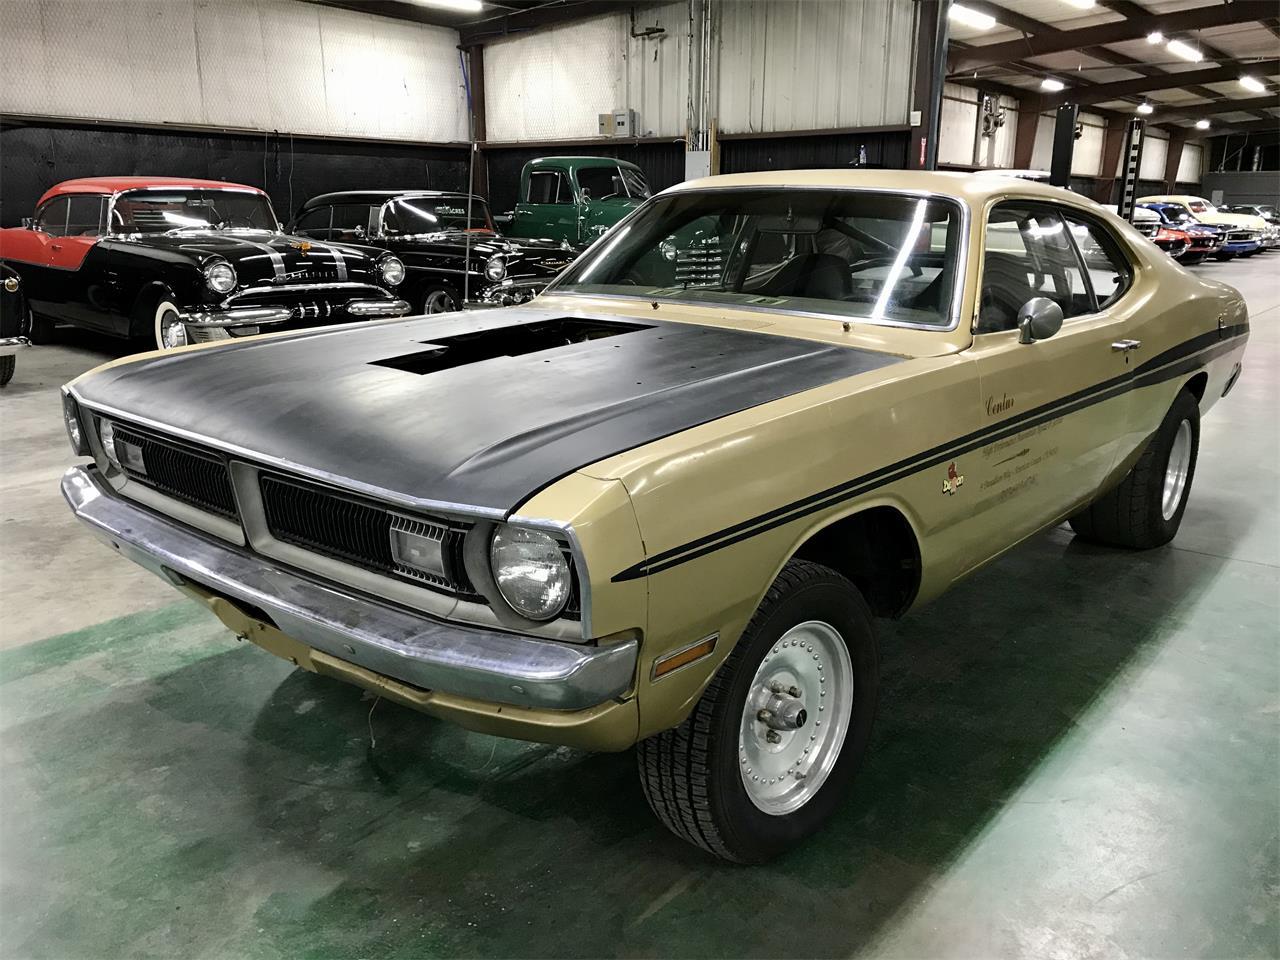 1971 Dodge Demon For Sale Classiccars Com Cc 1331205